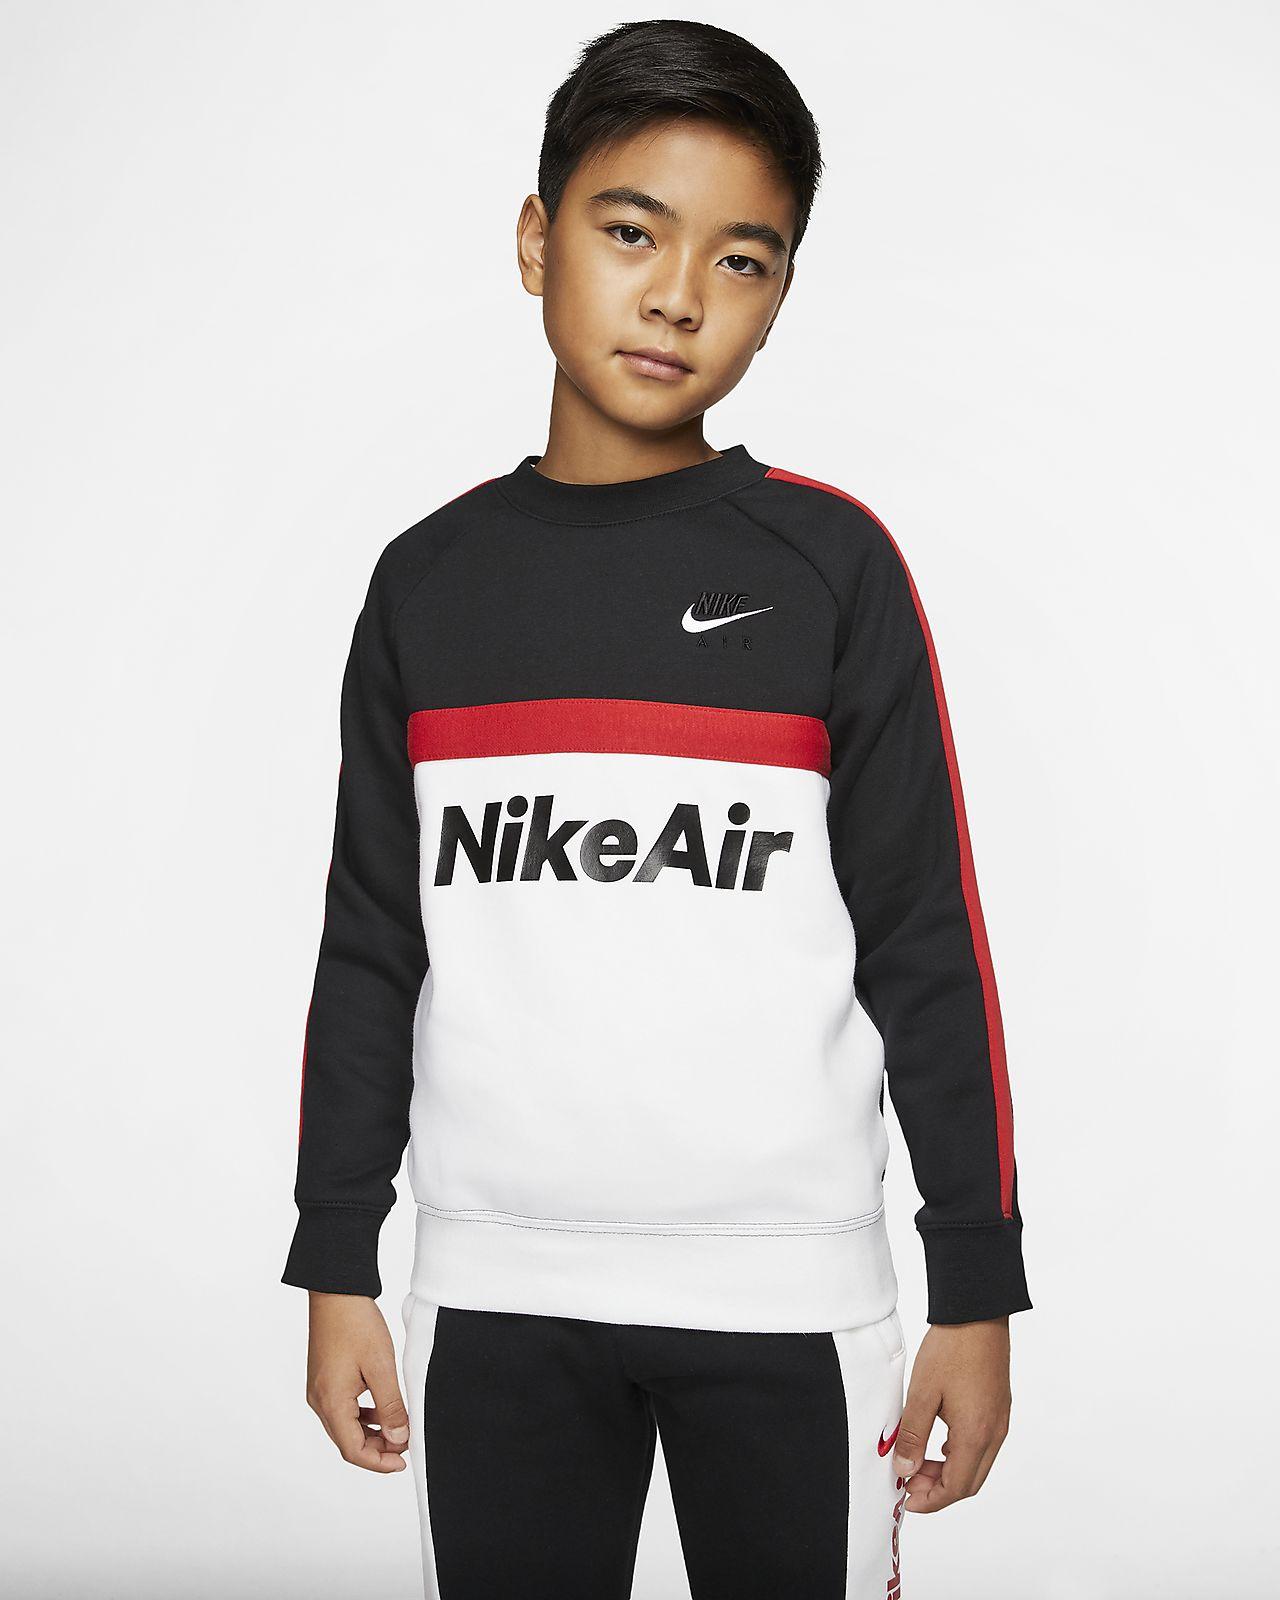 Tröja med rund hals Nike Air för ungdom (killar)